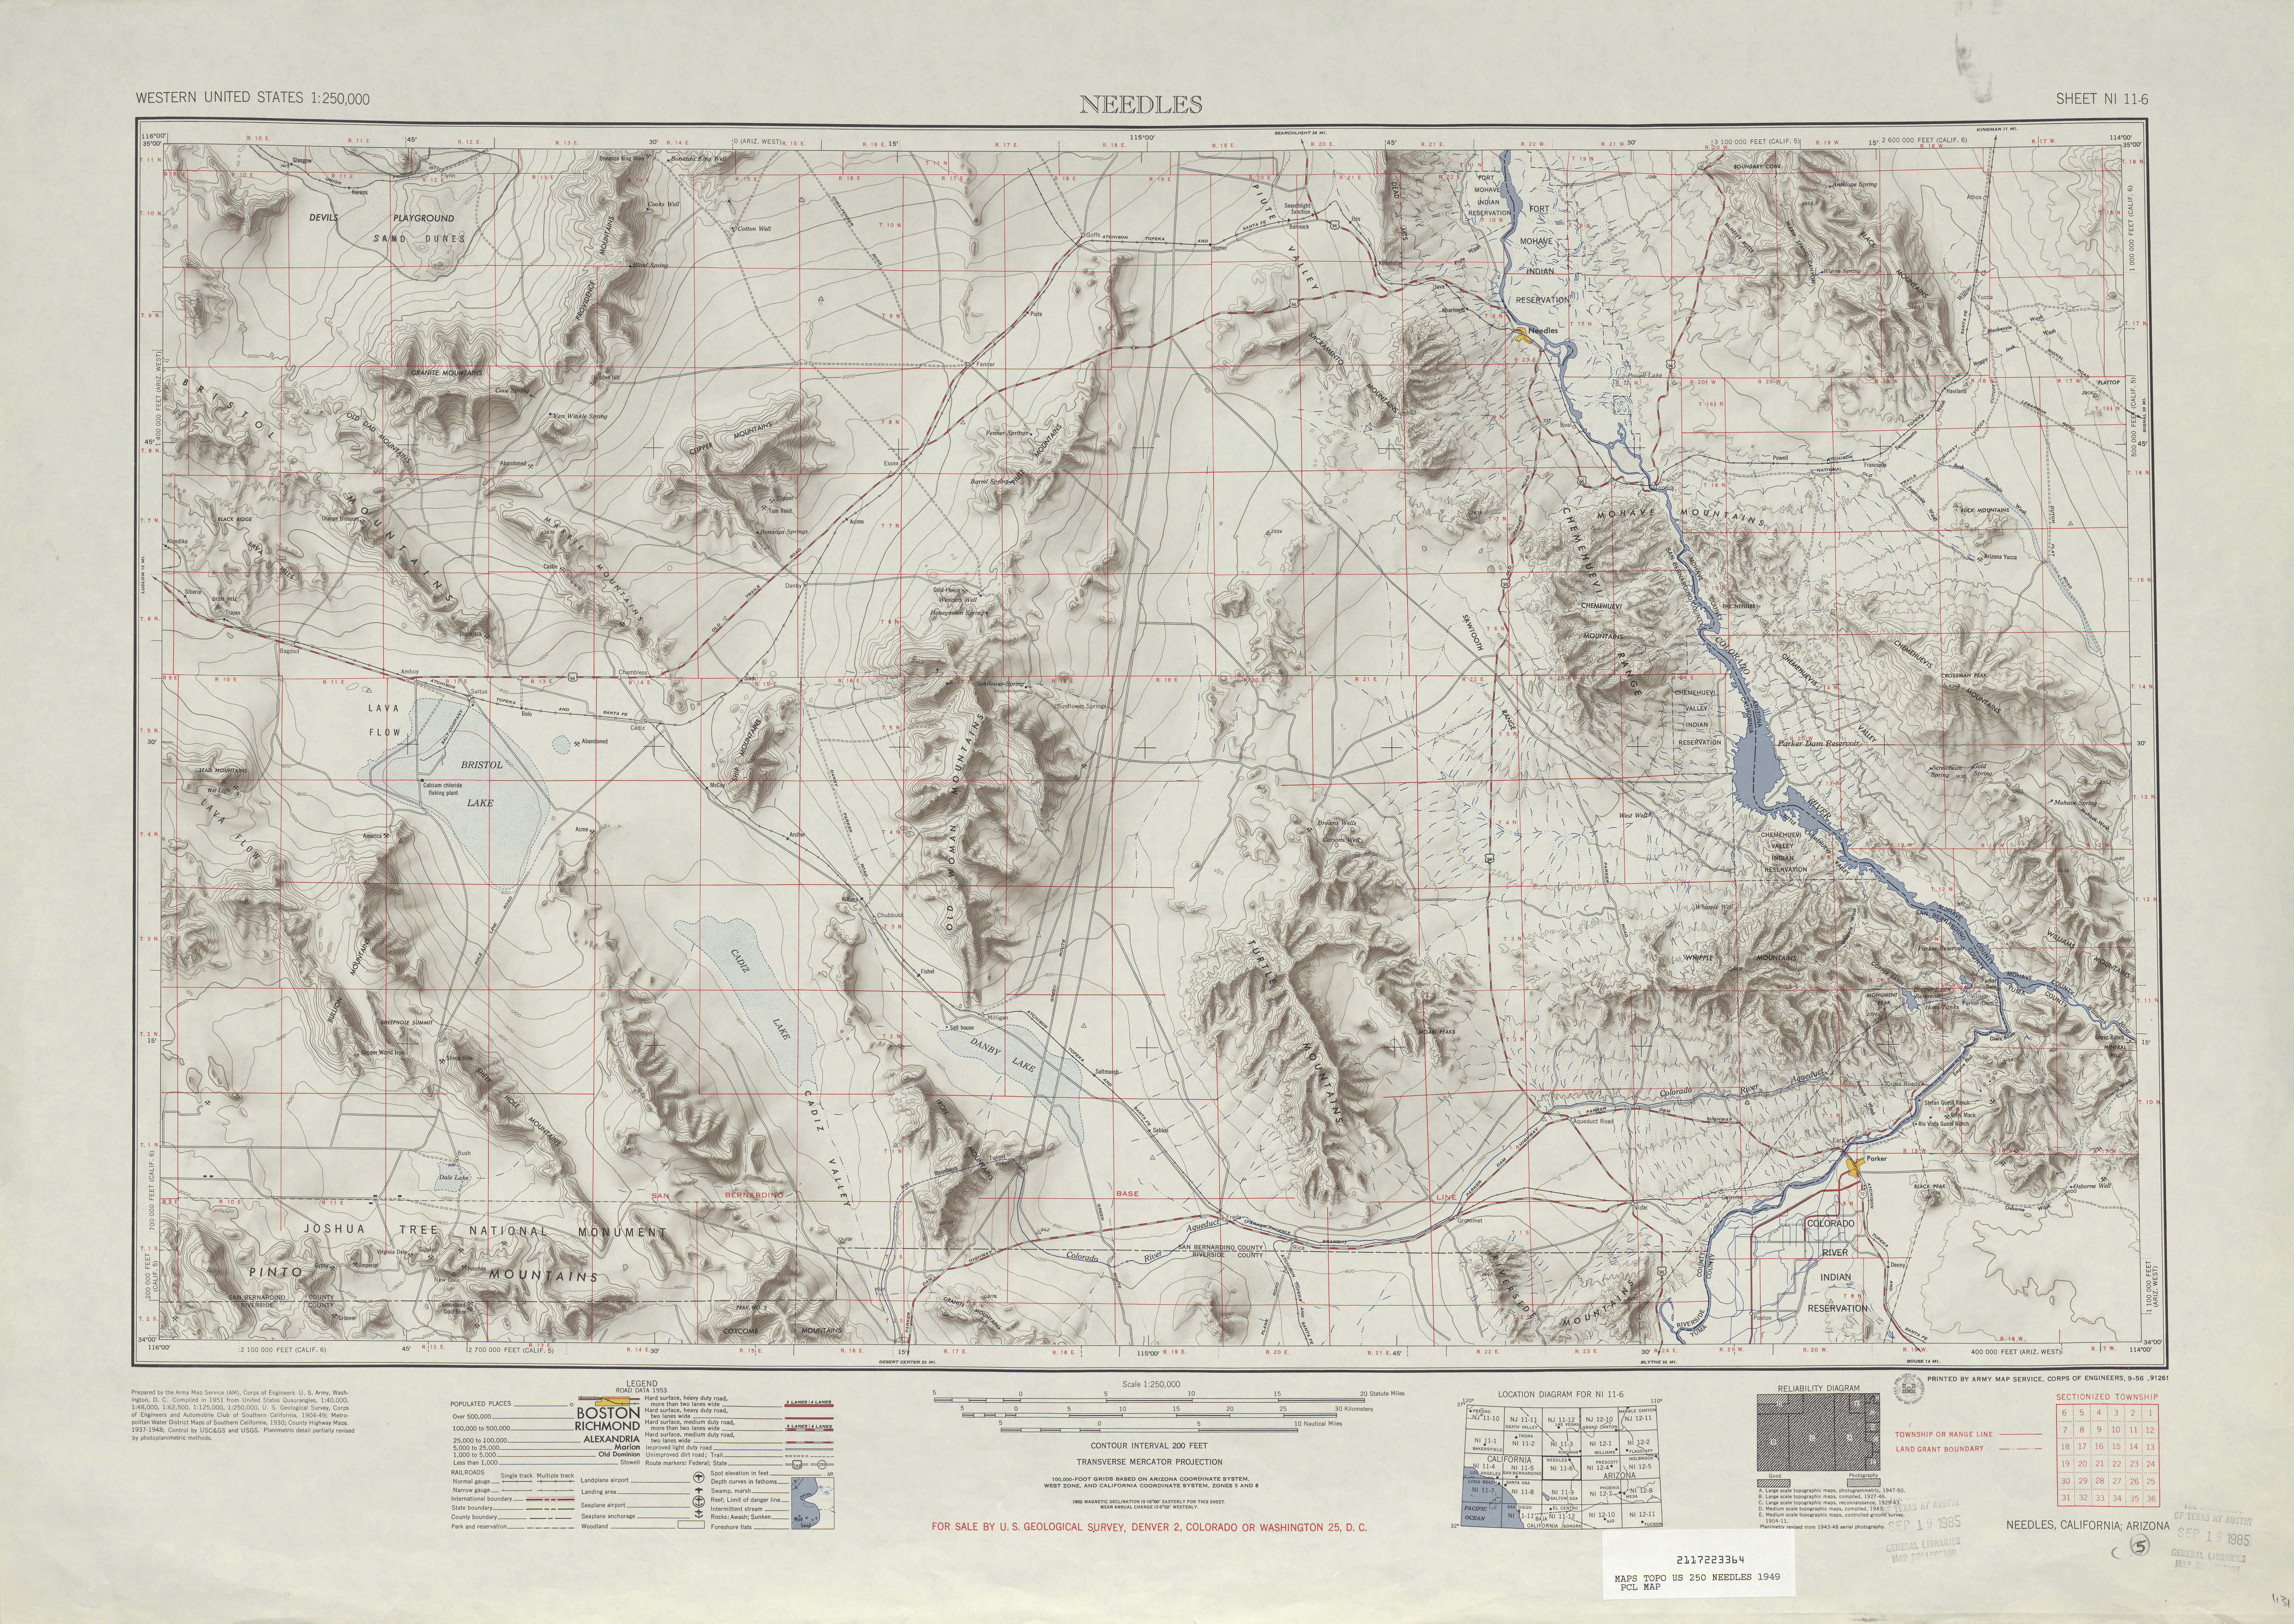 Hoja Needles del Mapa Topográfico de los Estados Unidos 1949